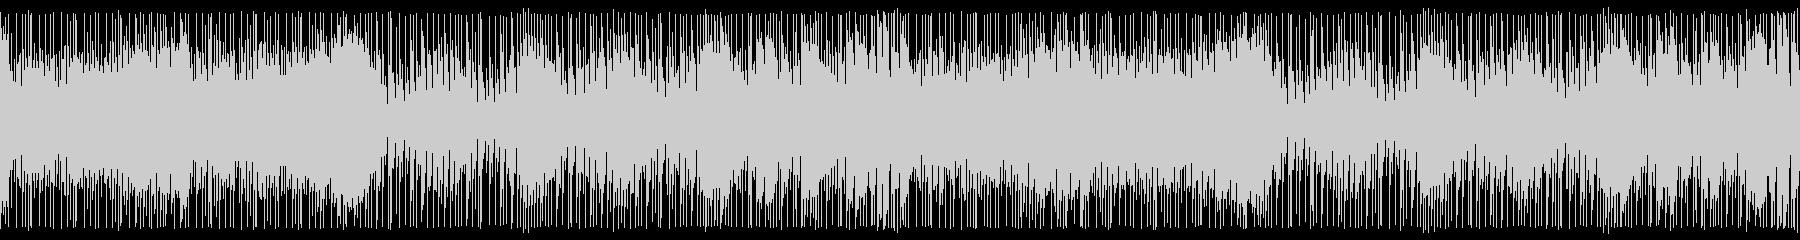 テクノポップ、シンセウェーブ:ループの未再生の波形